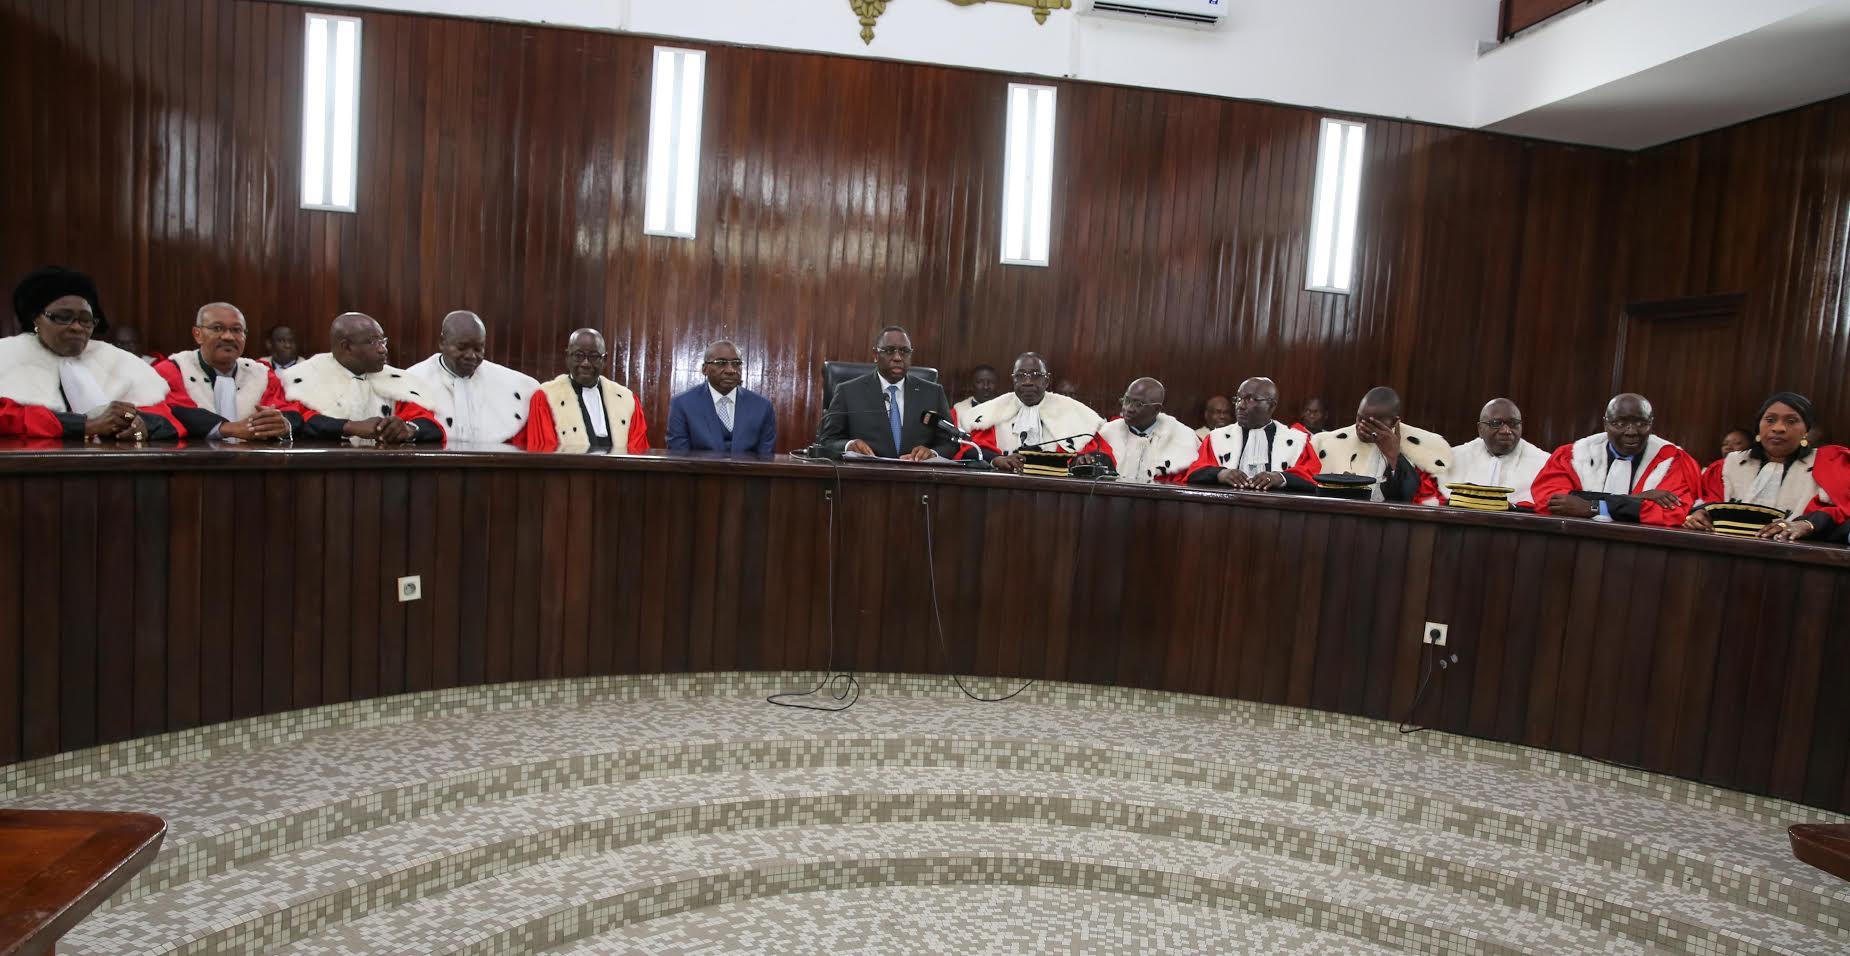 Rentrée des cours et tribunaux : Avis d'un citoyen sur le réquisitoire de Monsieur Mamadou Badio Camara